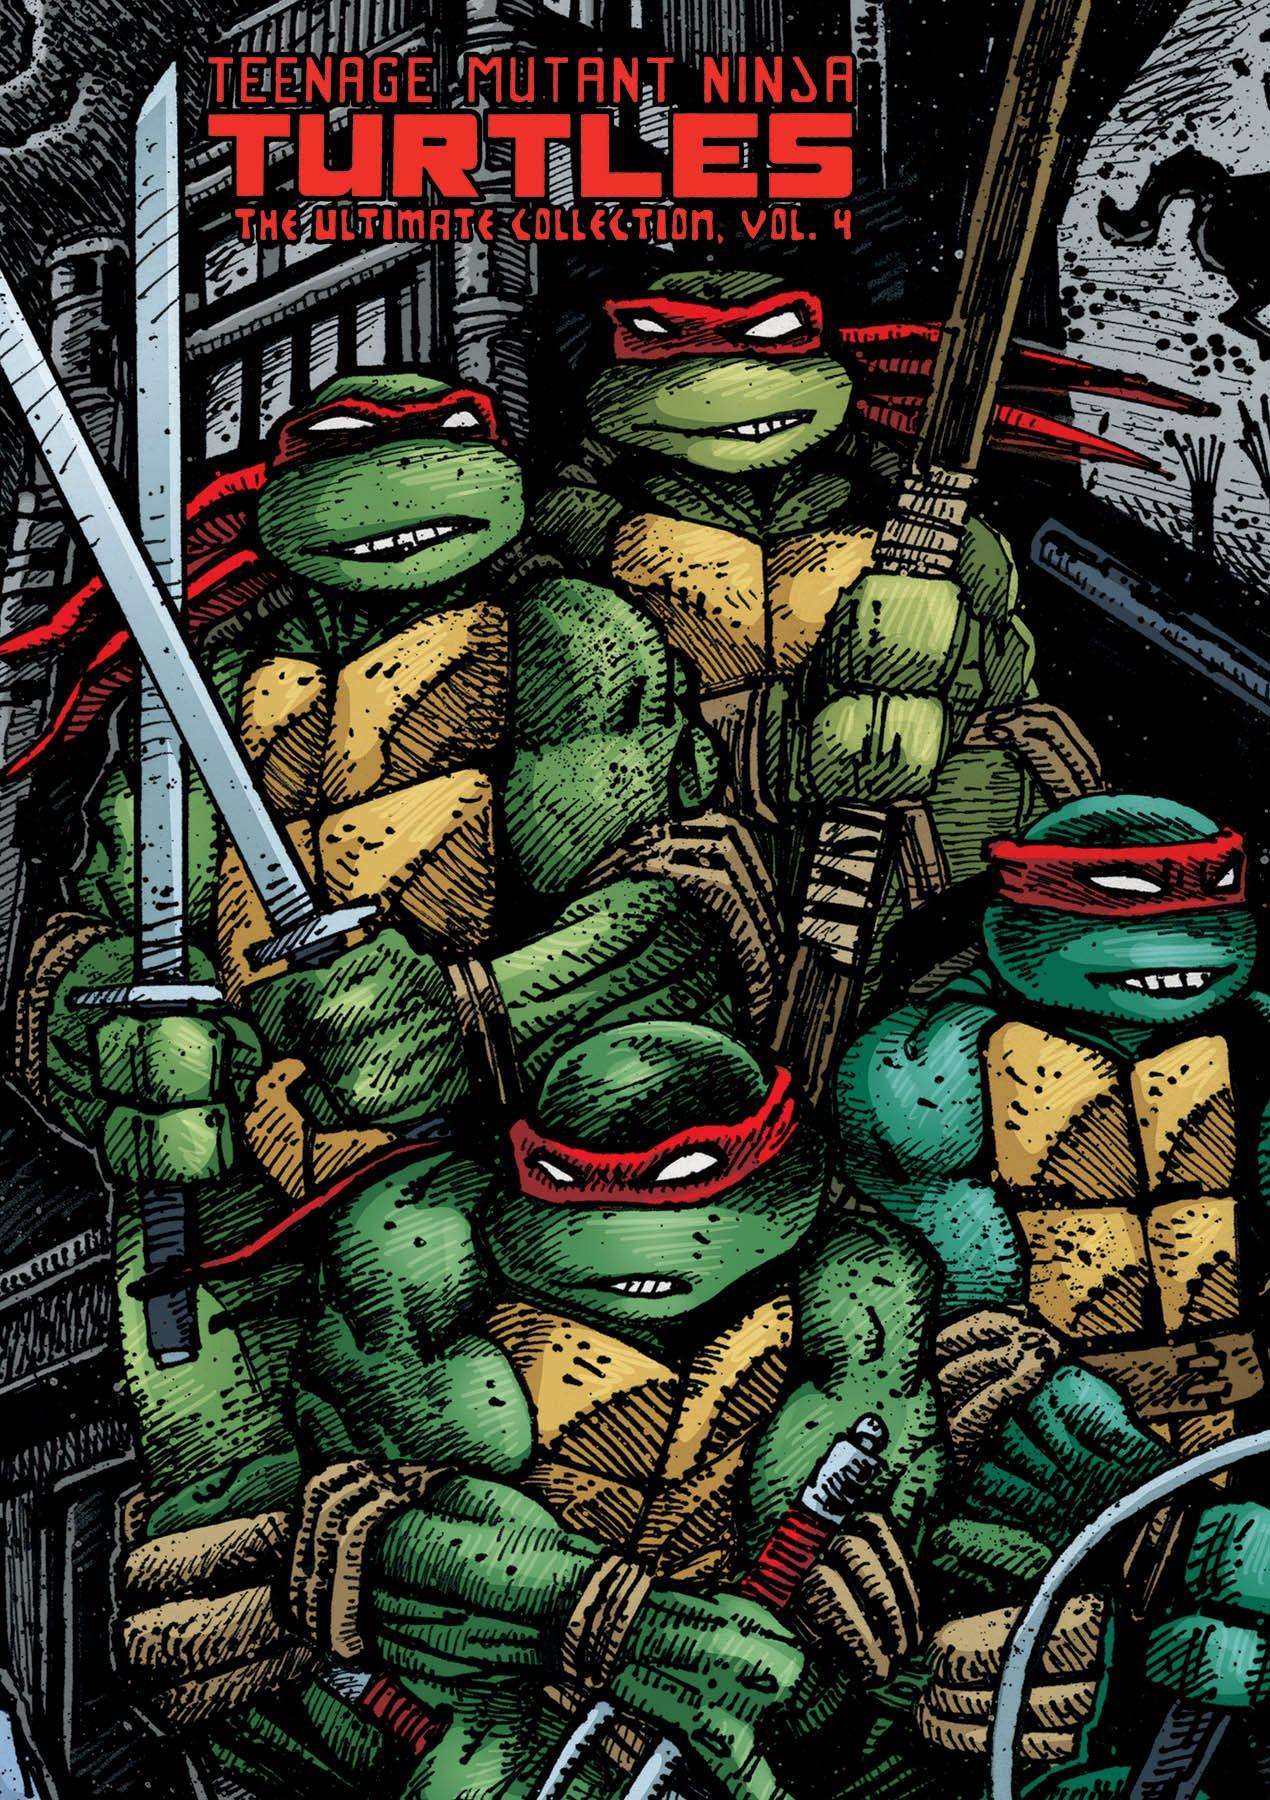 Les tortues ninja peter laird et kevin eastman senscritique - Les 4 tortues ninja ...